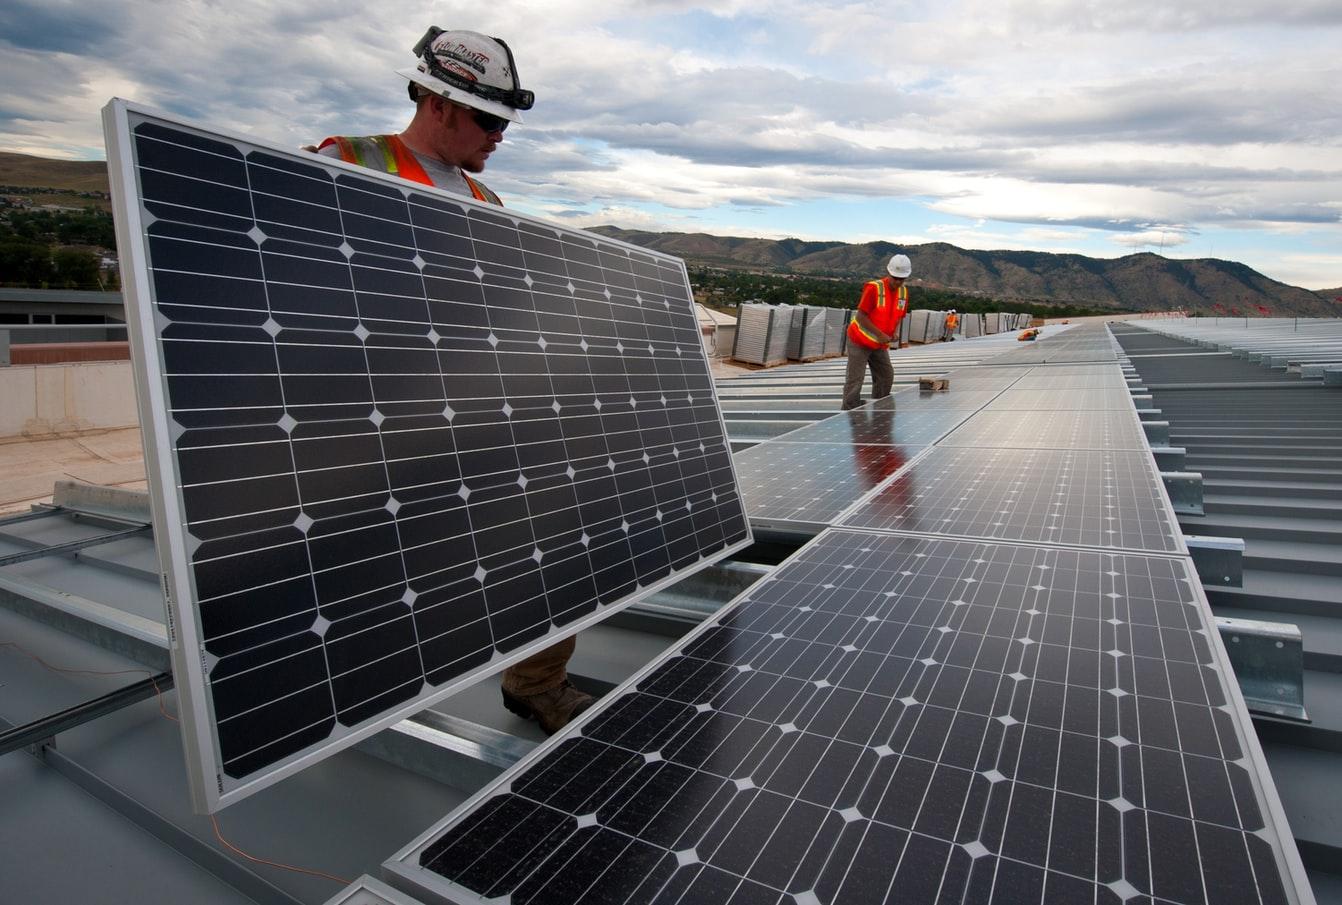 Drei Gründe, warum jetzt ein günstiger Zeitpunkt ist, über ein Investment in den Weltmarktführer für Solarmodule JinkoSolar nachzudenken